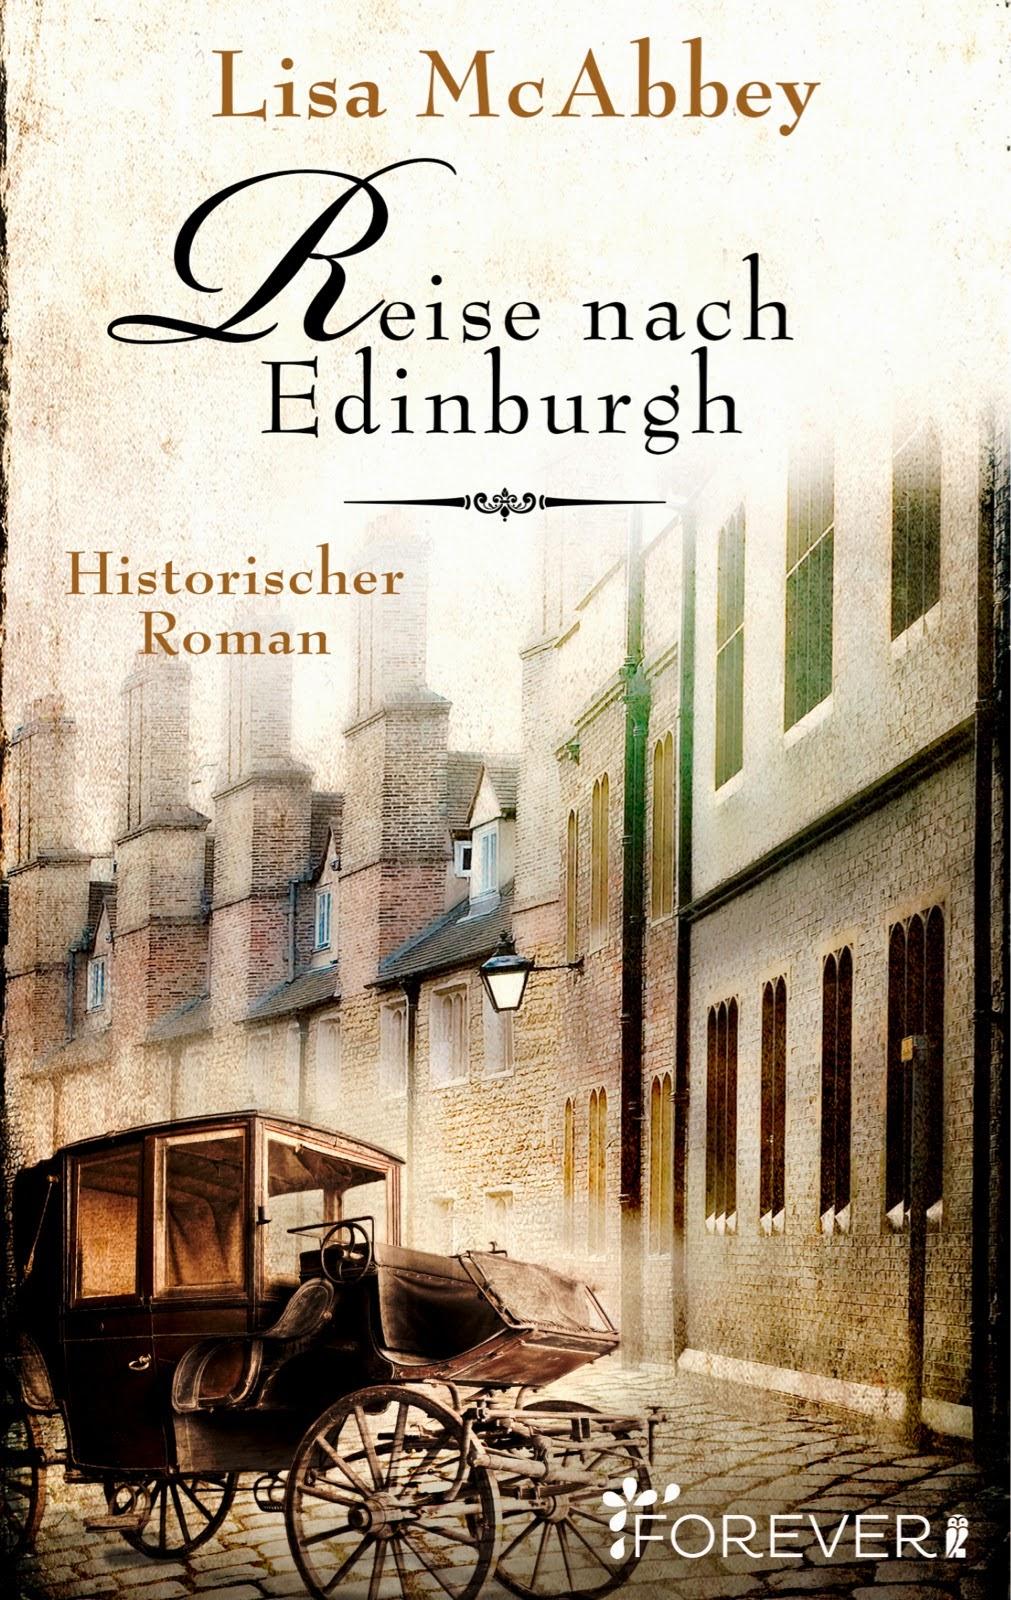 http://www.amazon.de/Reise-nach-Edinburgh-Historischer-Roman-ebook/dp/B00N2XSP68/ref=sr_1_1?ie=UTF8&qid=1428393074&sr=8-1&keywords=reise+nach+edinburgh+lisa+mcabbey